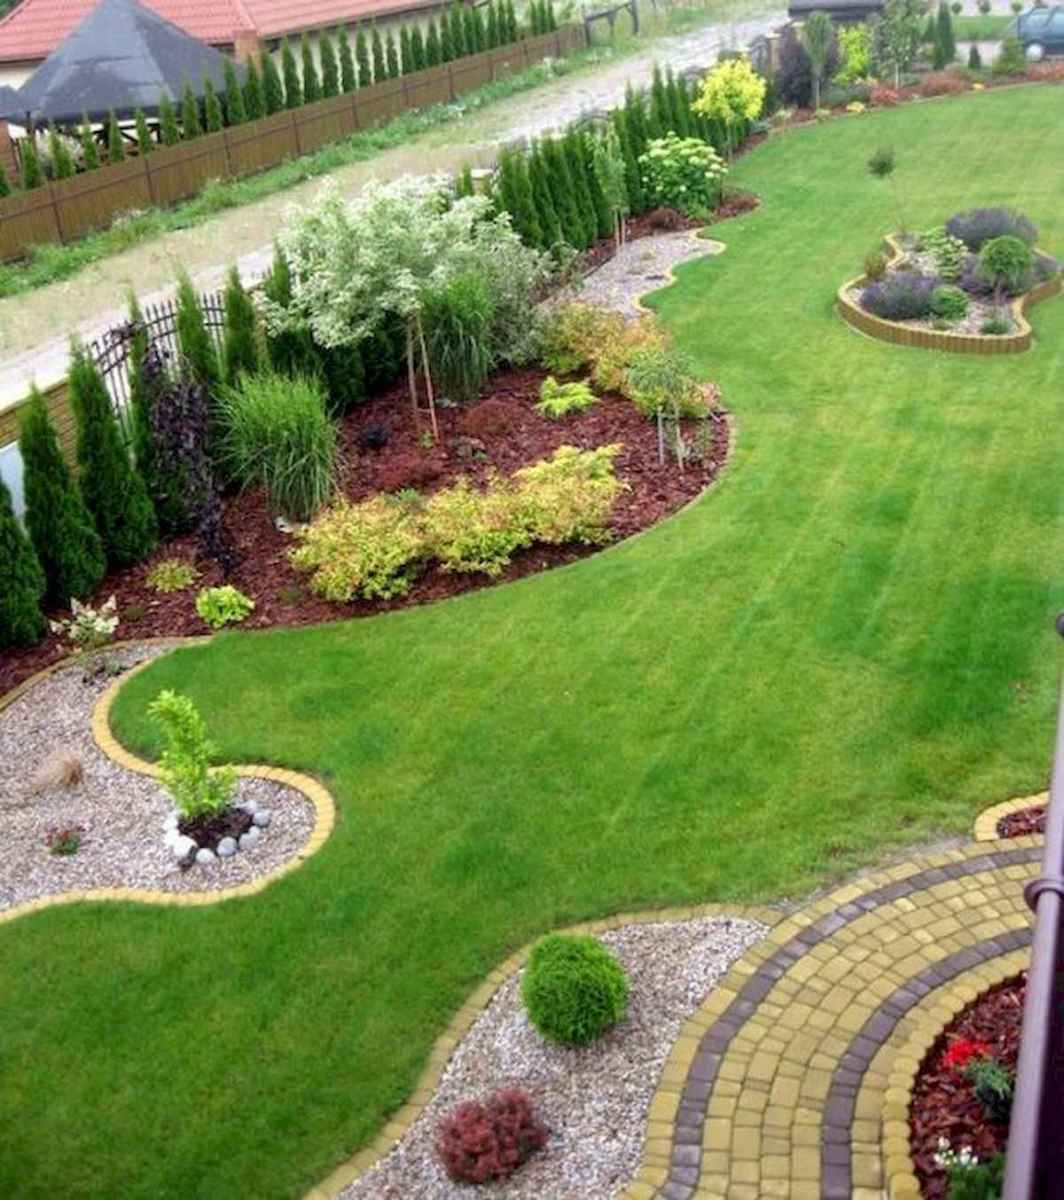 90 lovely backyard garden design ideas for summer (48)